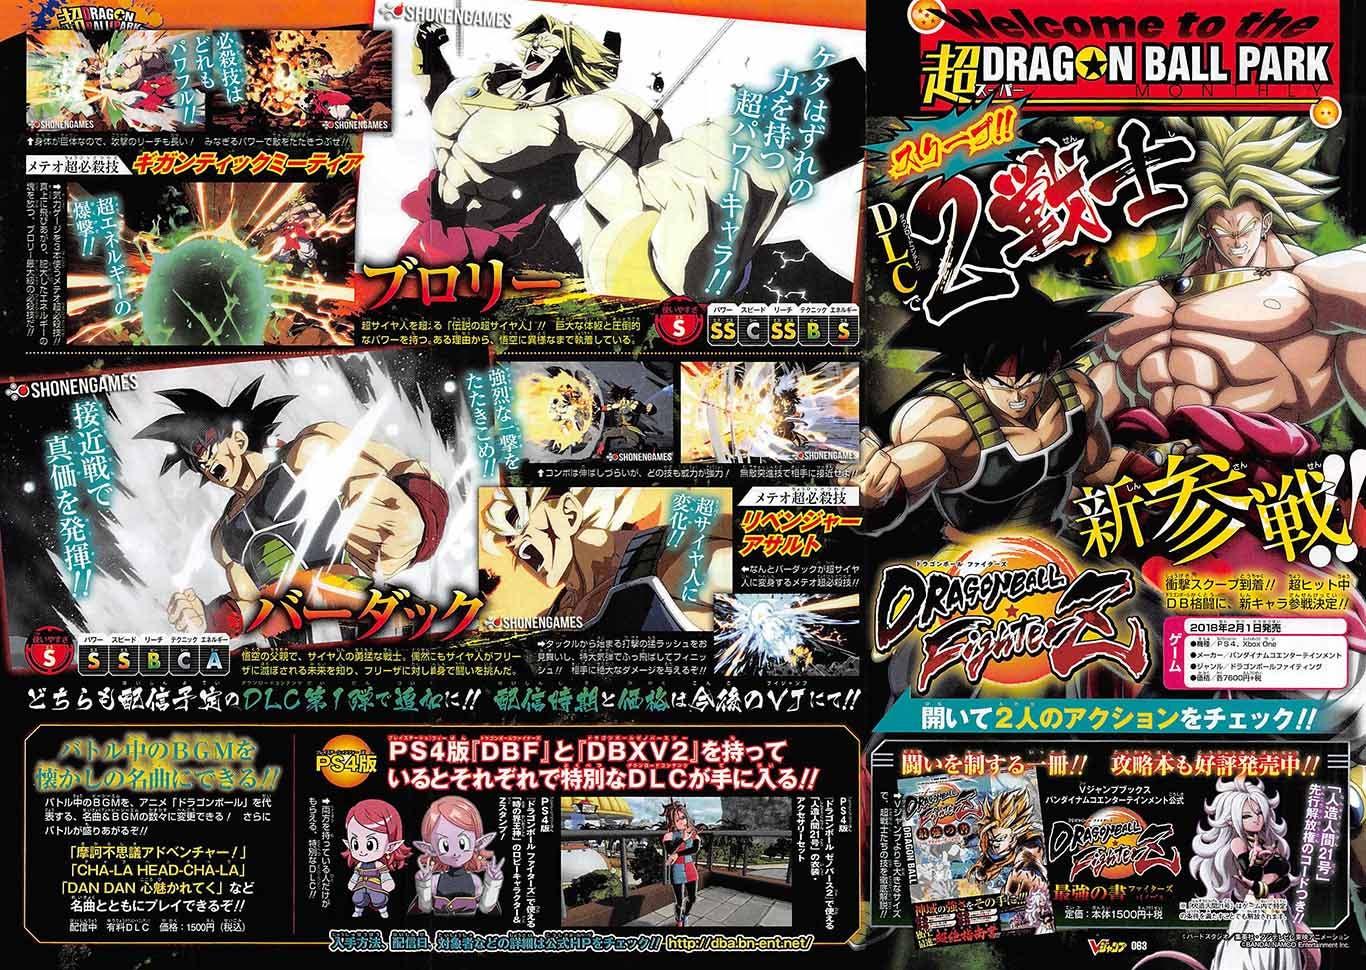 Broly y Bardock llegarán a Dragon Ball FigtherZ vía DLC 2